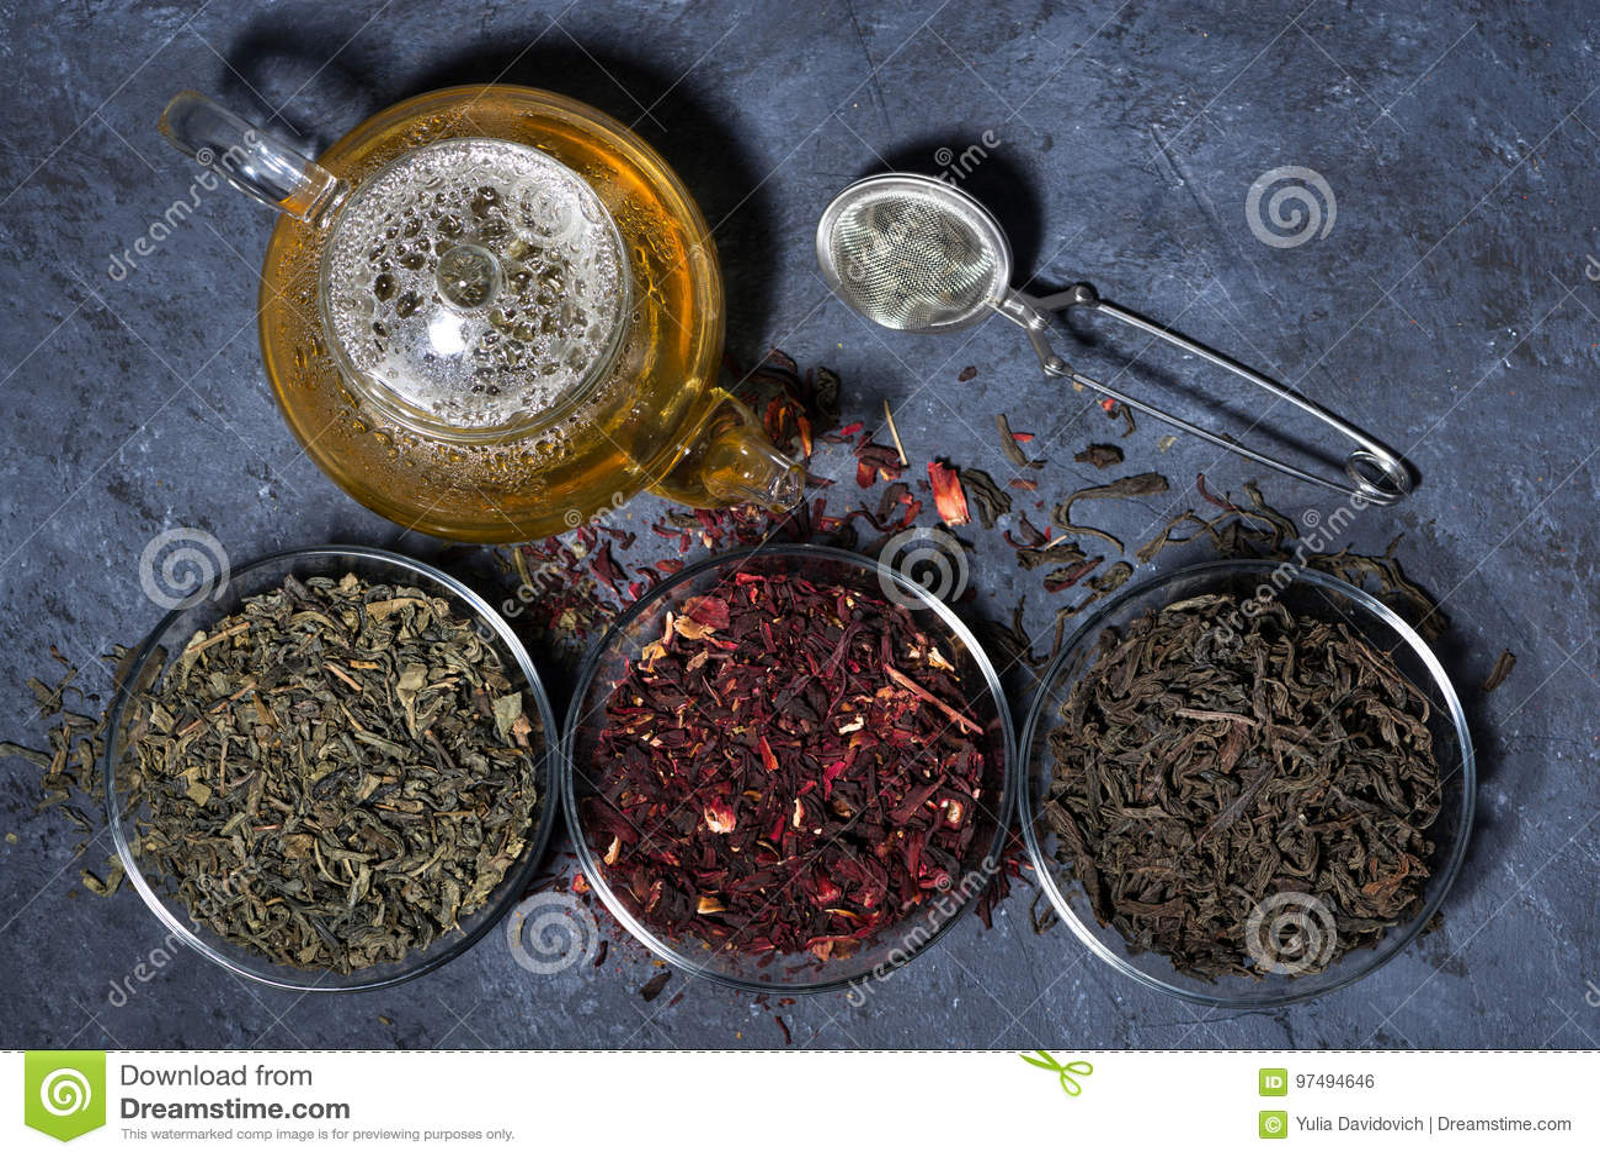 Assortimento di tè asciutto su un fondo scuro, orizzontale